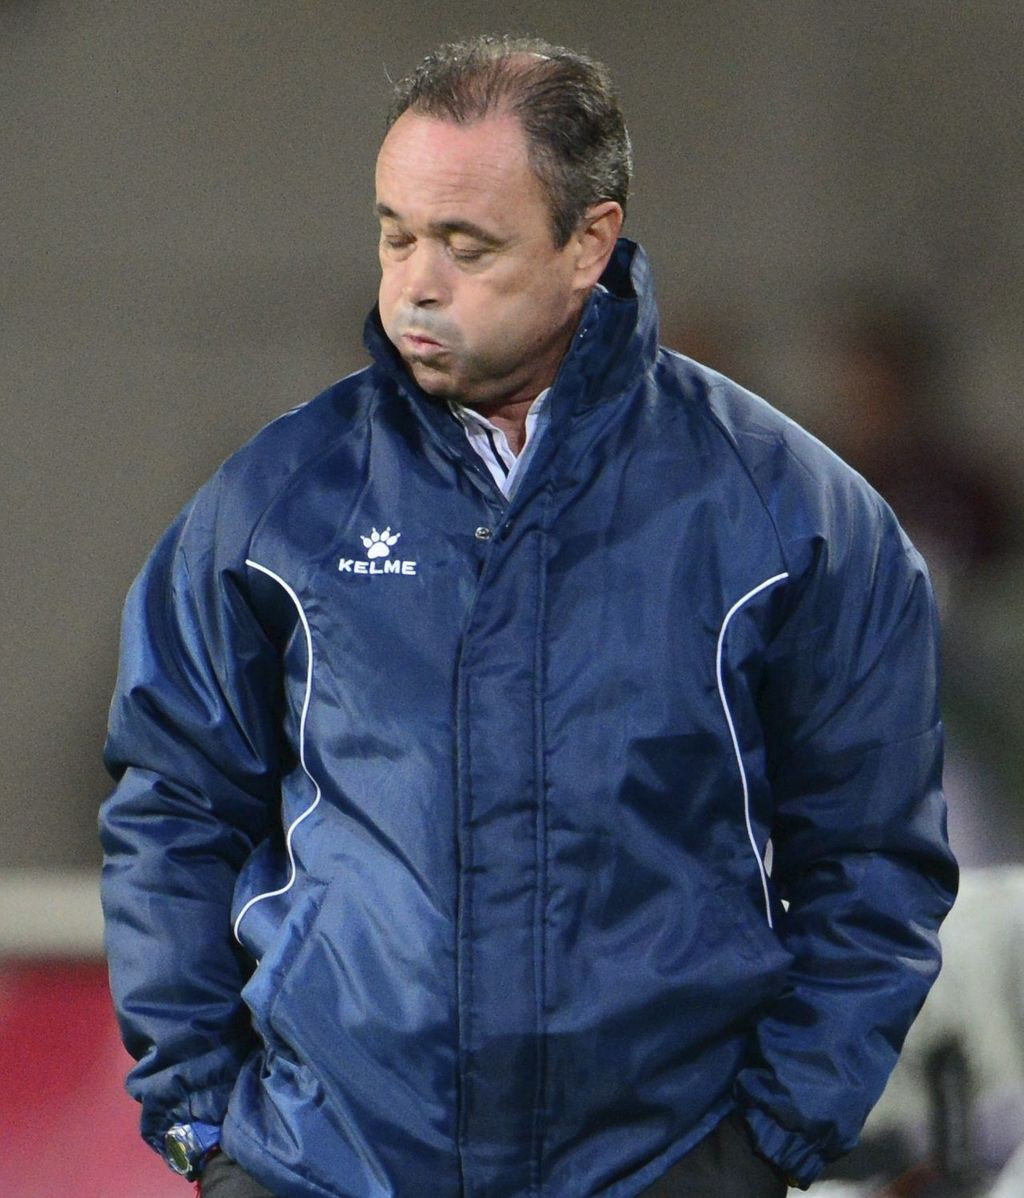 El entrenador del Levante, Juan Ignacio Martínez, gesticula durante el partido del grupo L de la Liga Europa que su equipo disputó contra el Hannover 96